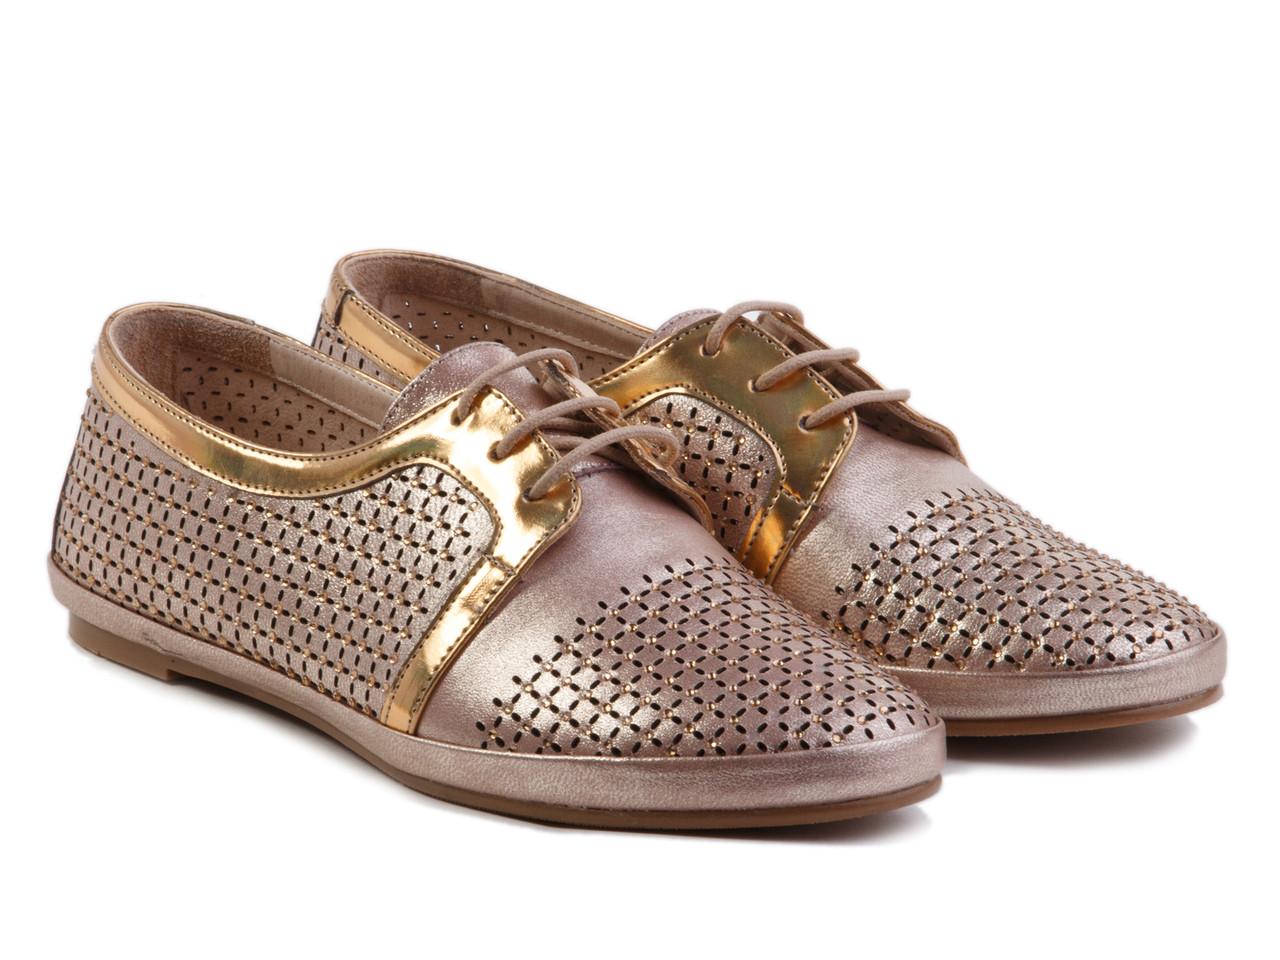 Туфли Etor 5375-09 золотистые, фото 1